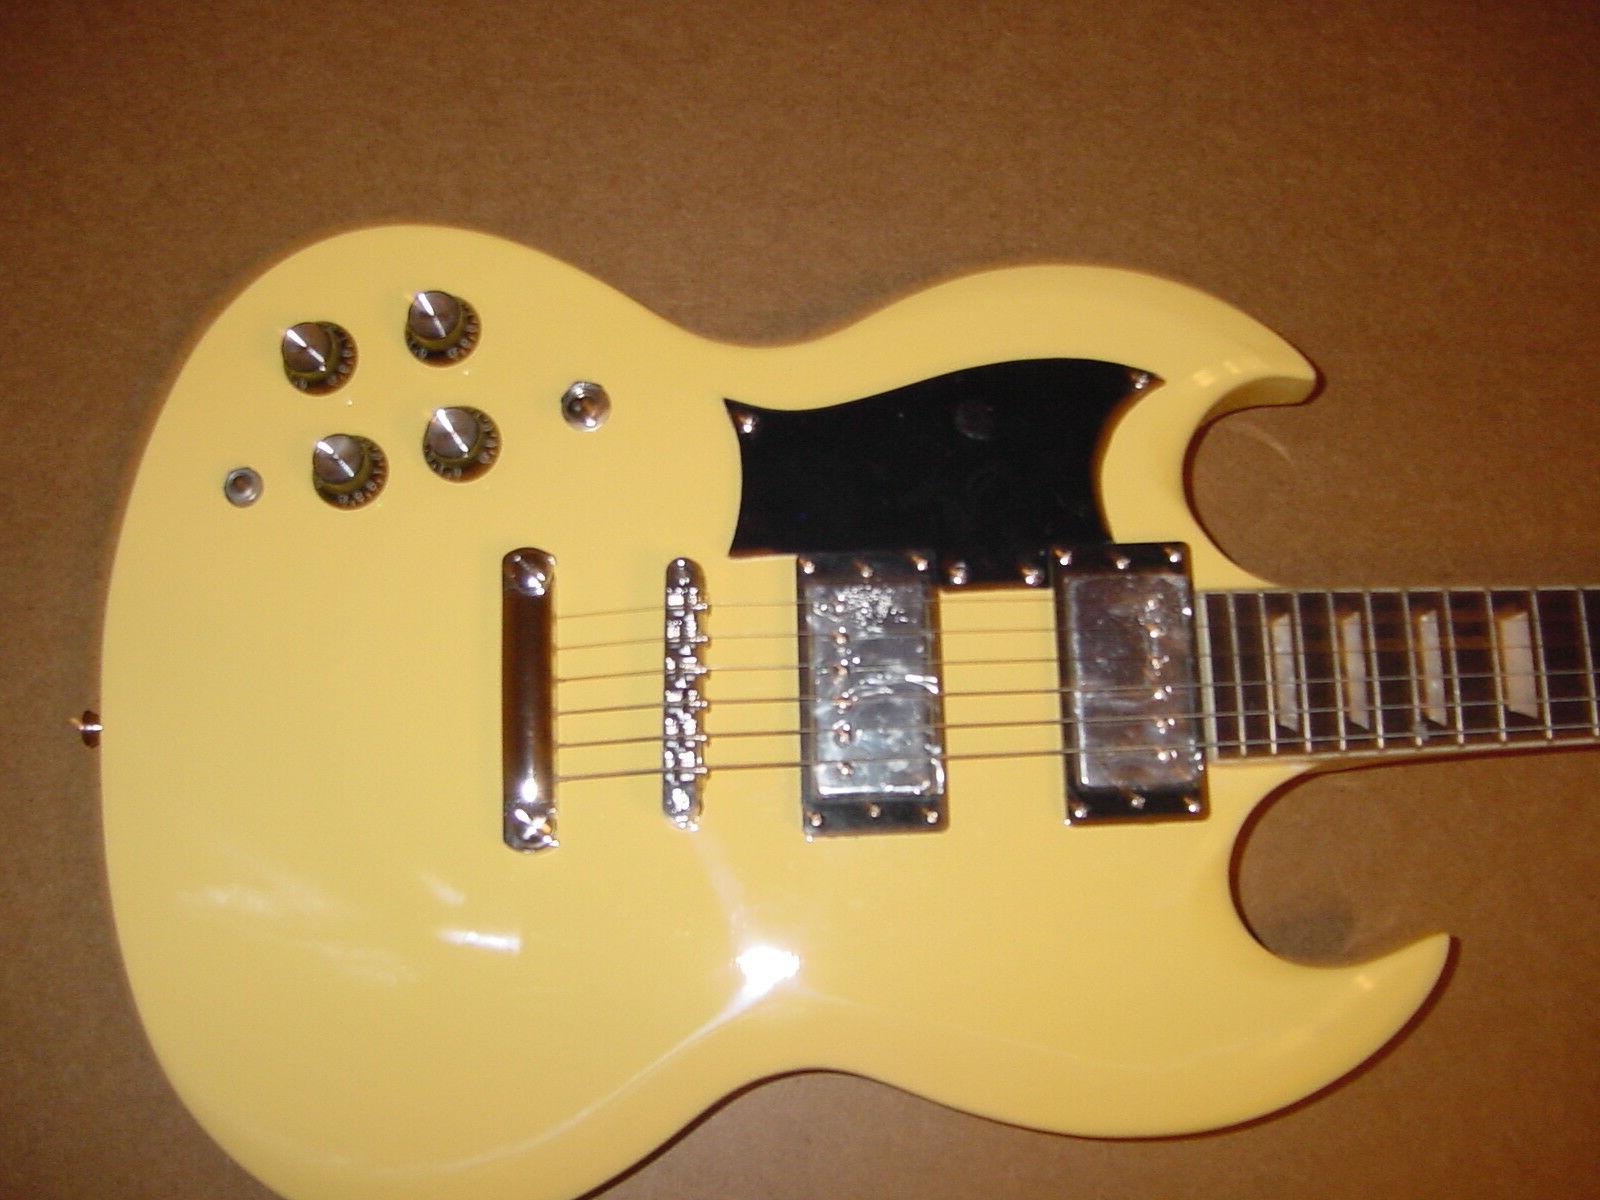 New 6 Electric Guitar Vintage Blonde Neck Gig Bag